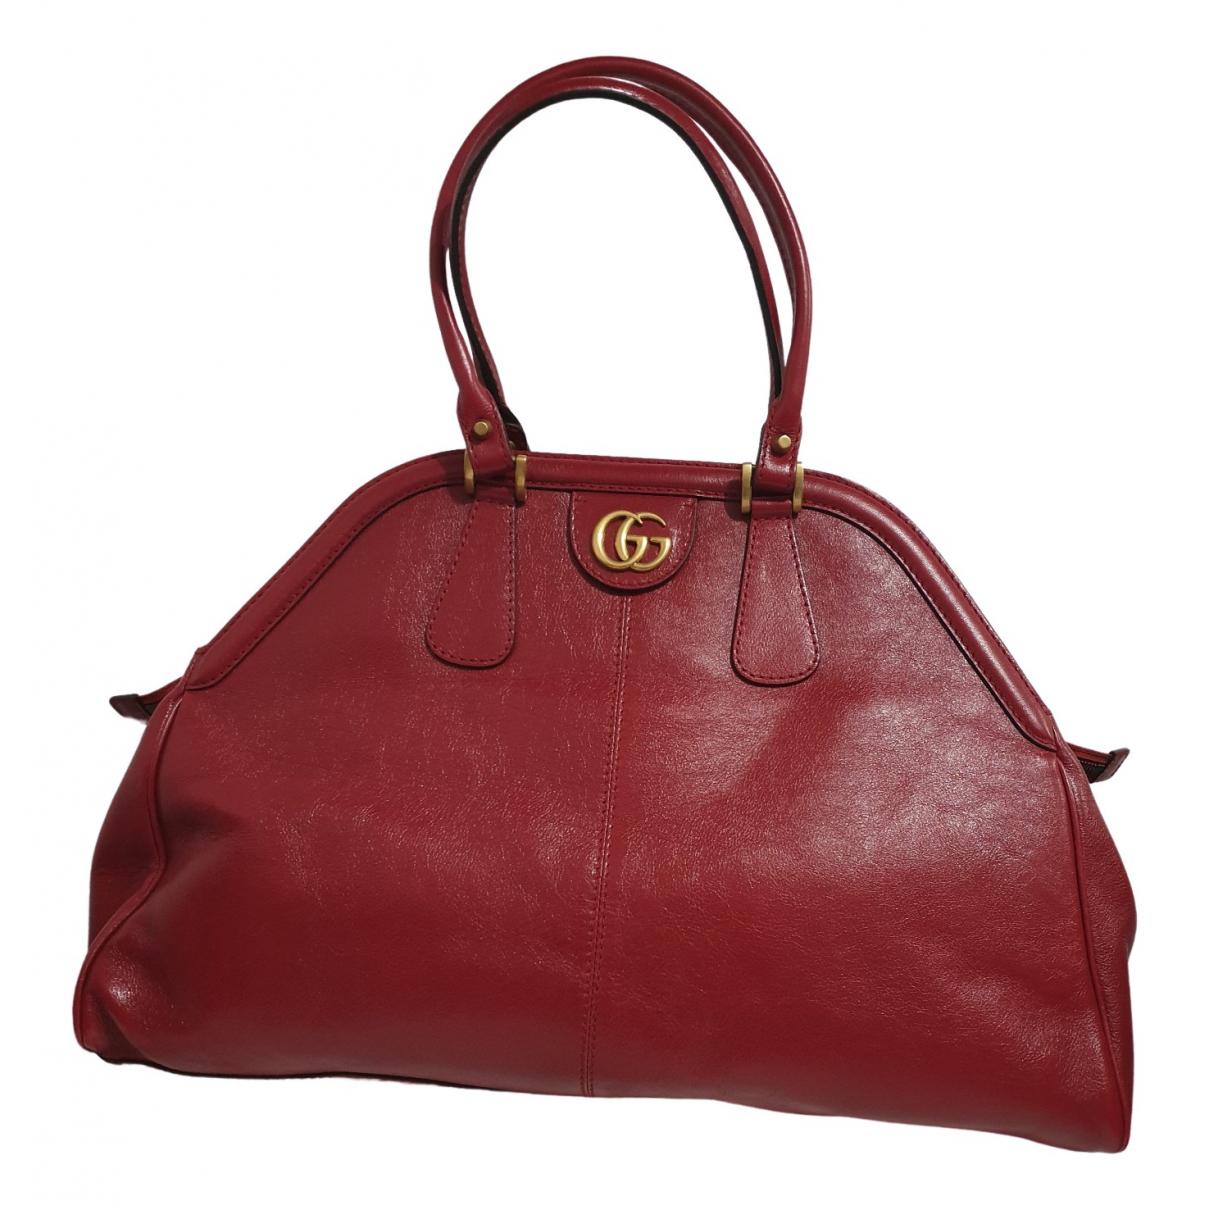 Gucci Re(belle) Handtasche in Leder